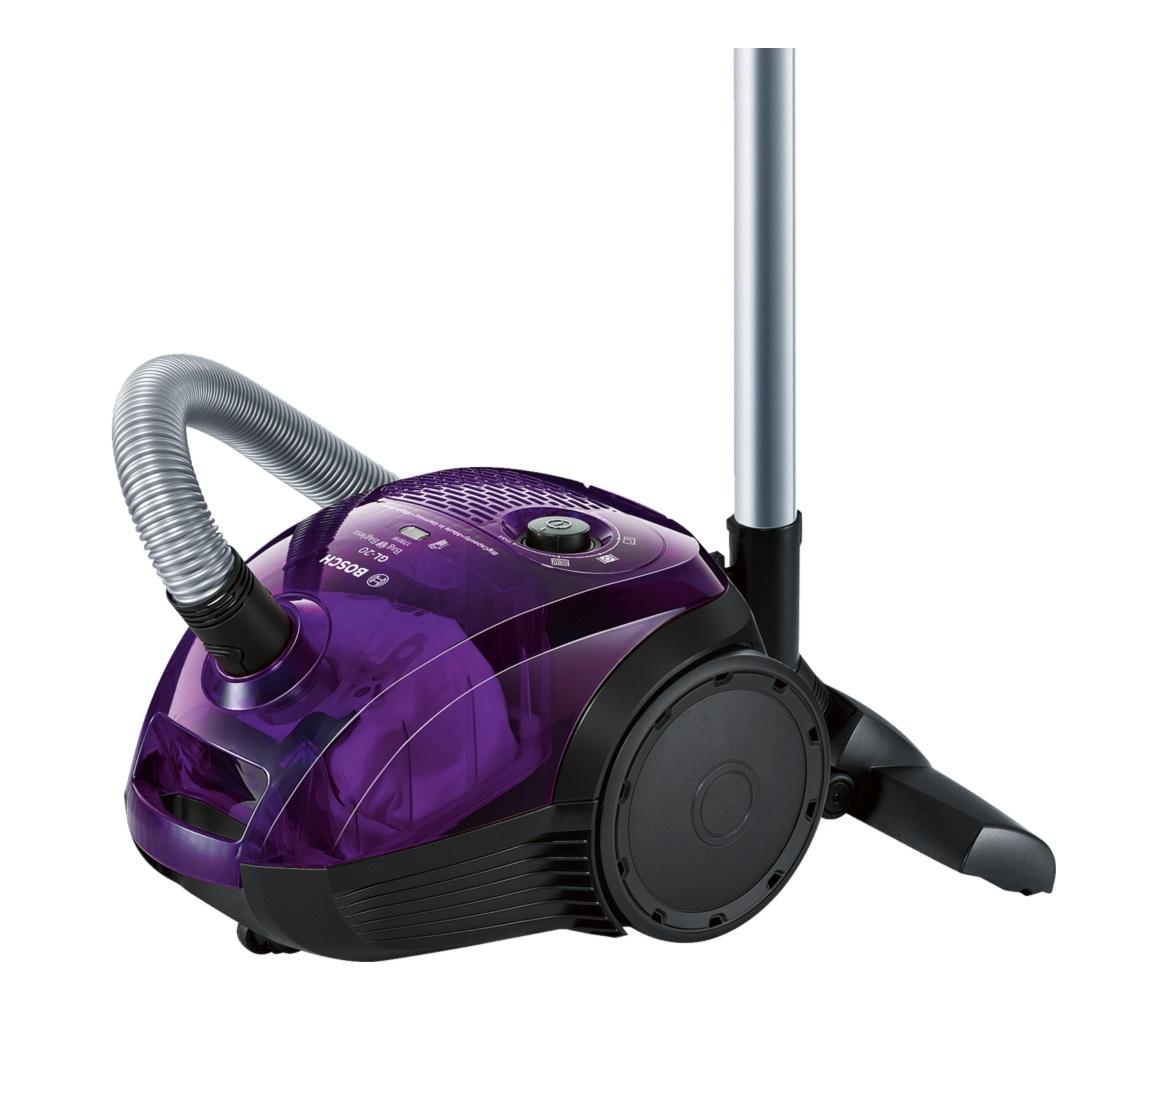 Пылесос Bosch BGN 21700Пылесосы<br><br><br>Тип: Пылесос<br>Потребляемая мощность, Вт: 1700<br>Тип уборки: Сухая<br>Регулятор мощности на корпусе: Есть<br>Пылесборник: Мешок<br>Емкостью пылесборника : 3.5 л<br>Индикатор заполнения пылесборника: Есть